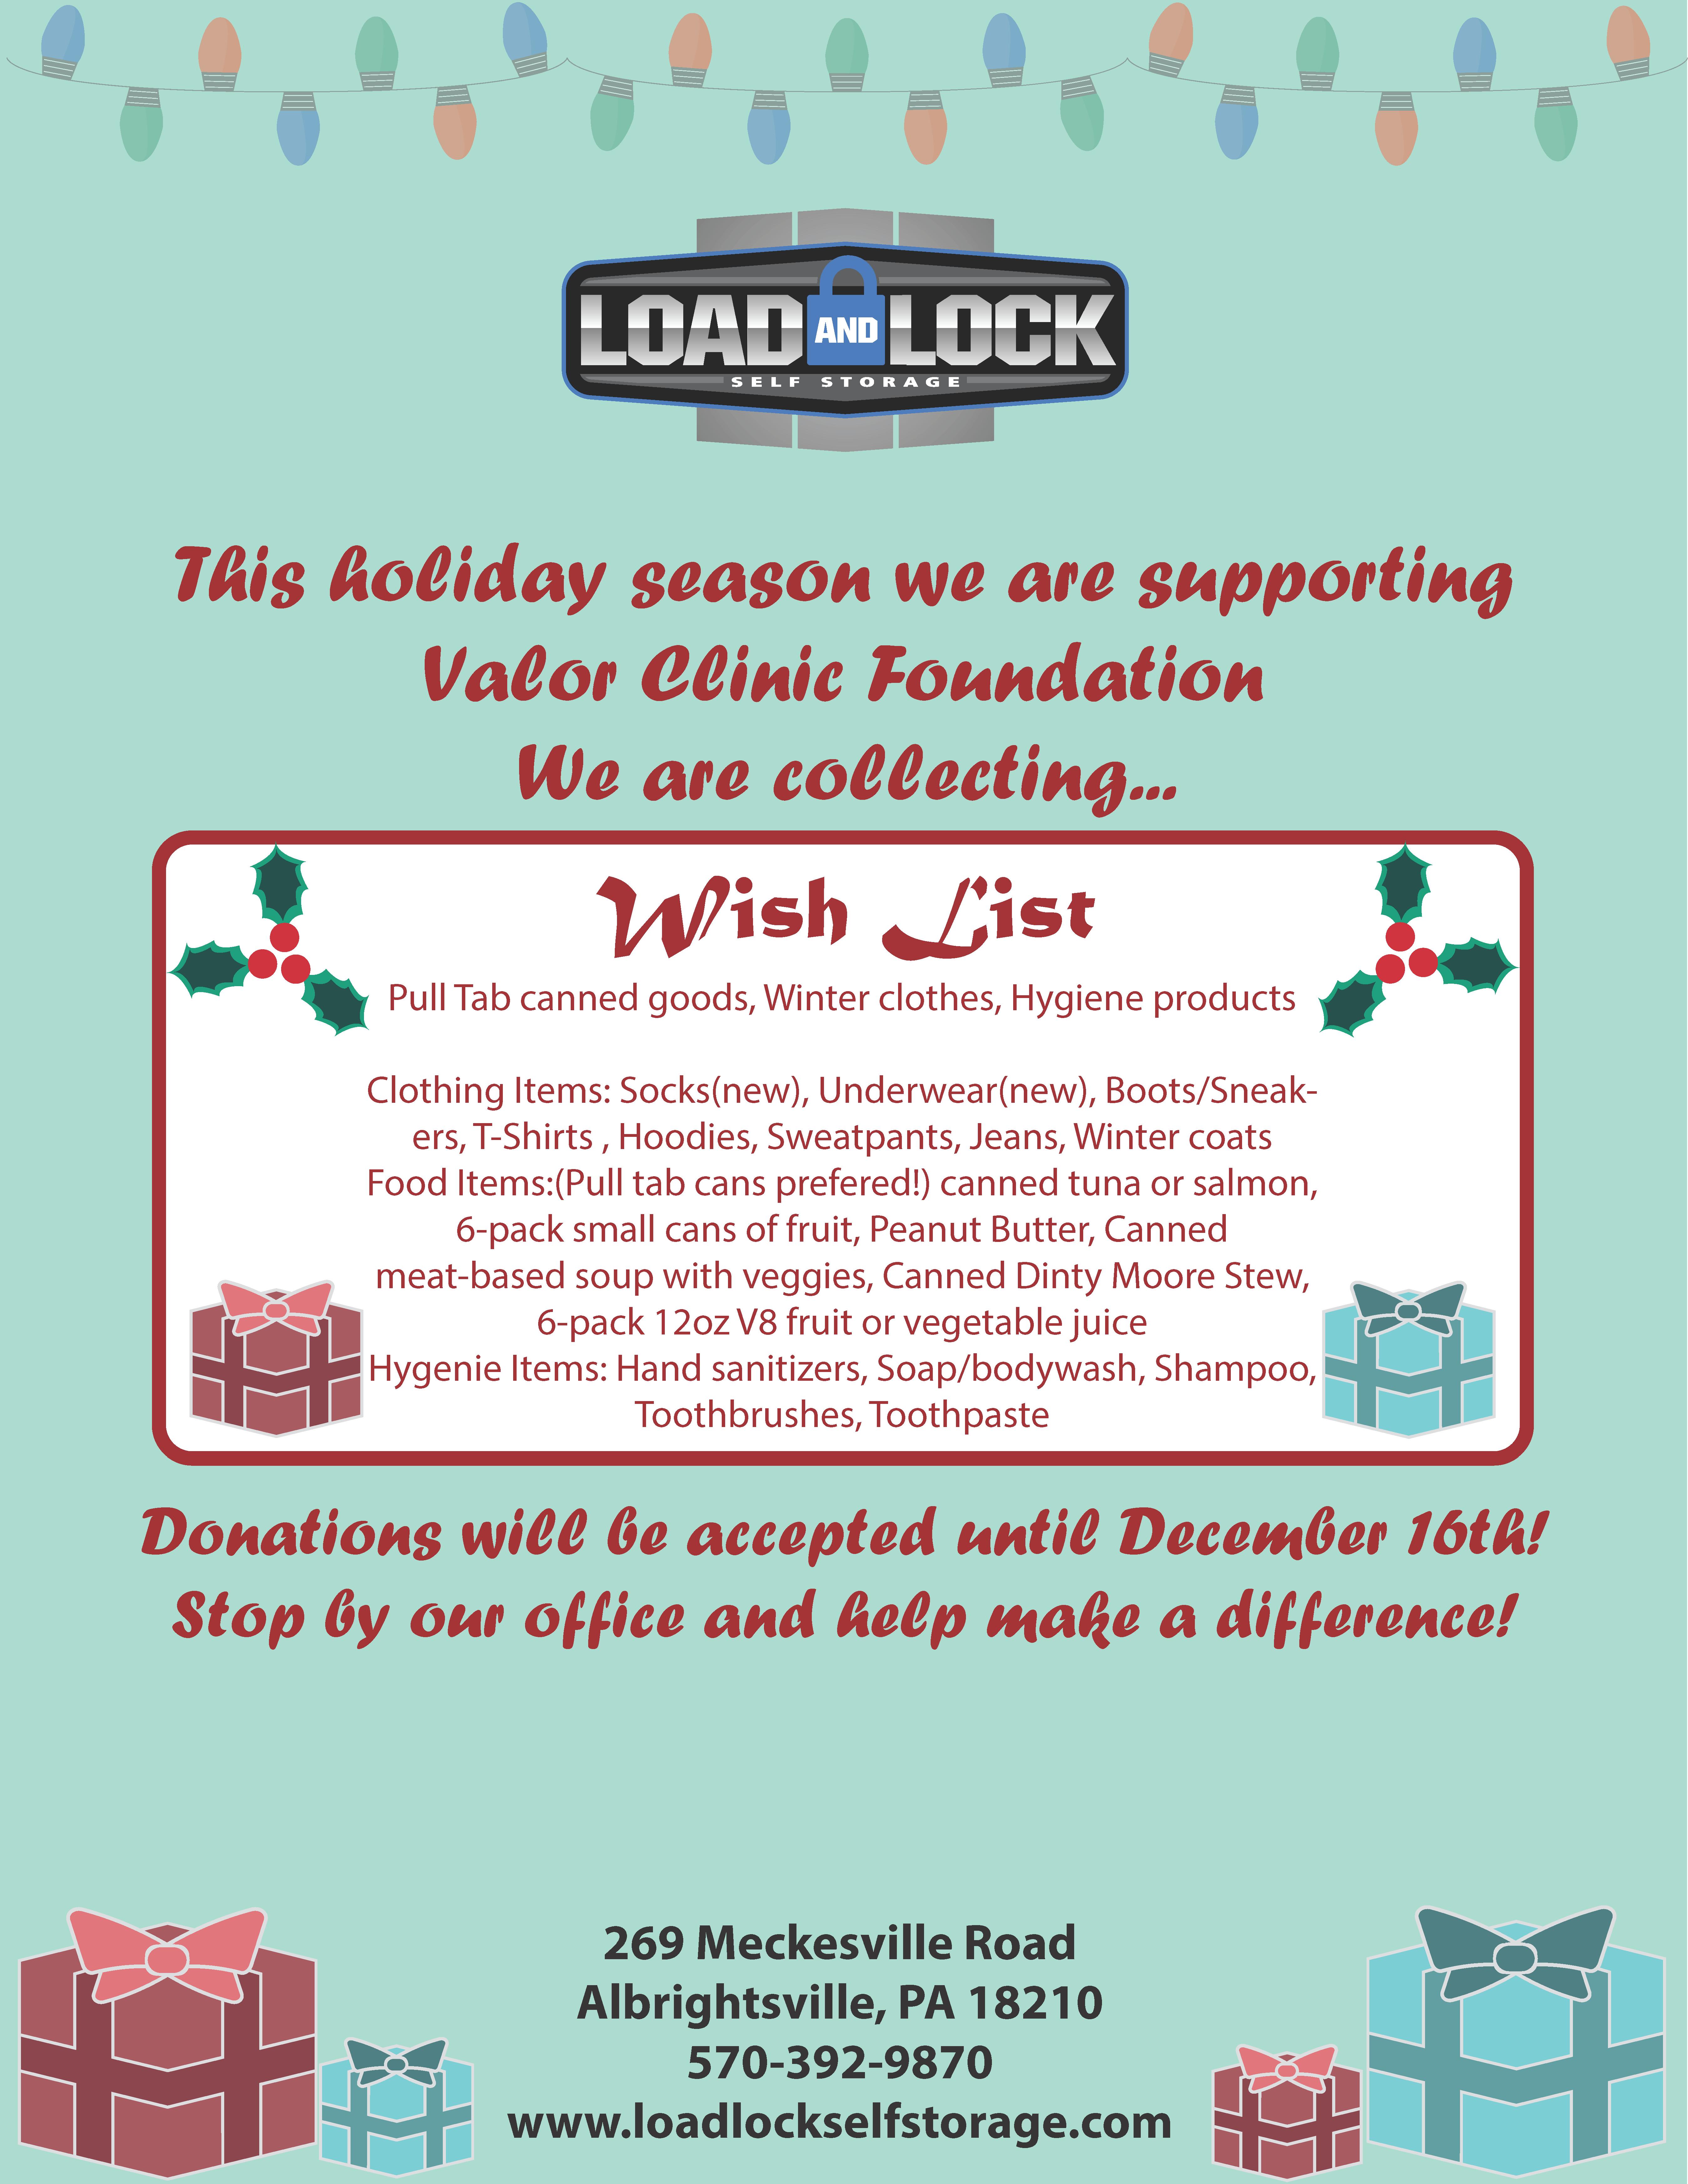 VA Beach VA Holiday Collection